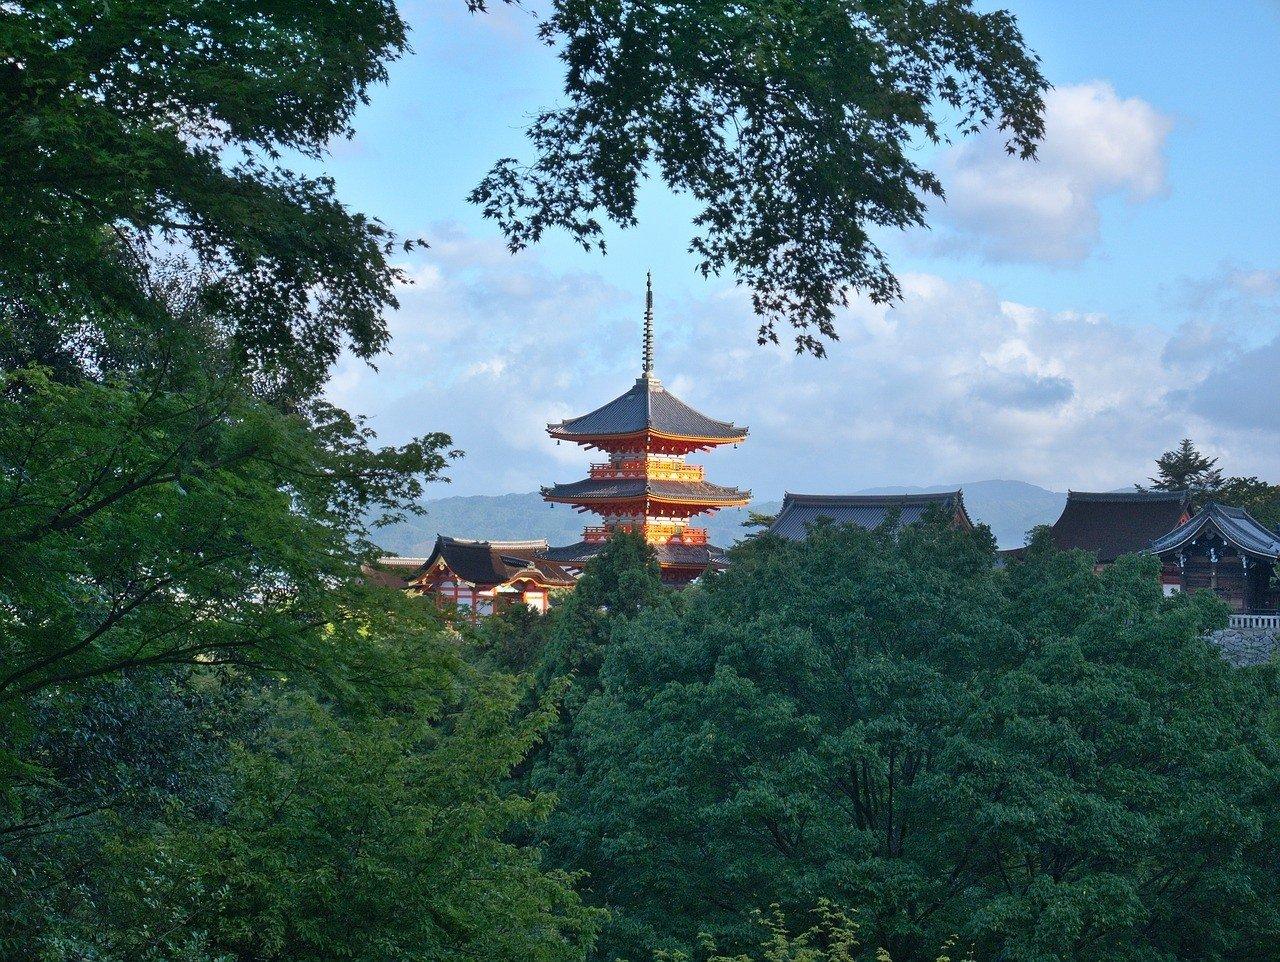 Higashiyama area in Kyoto